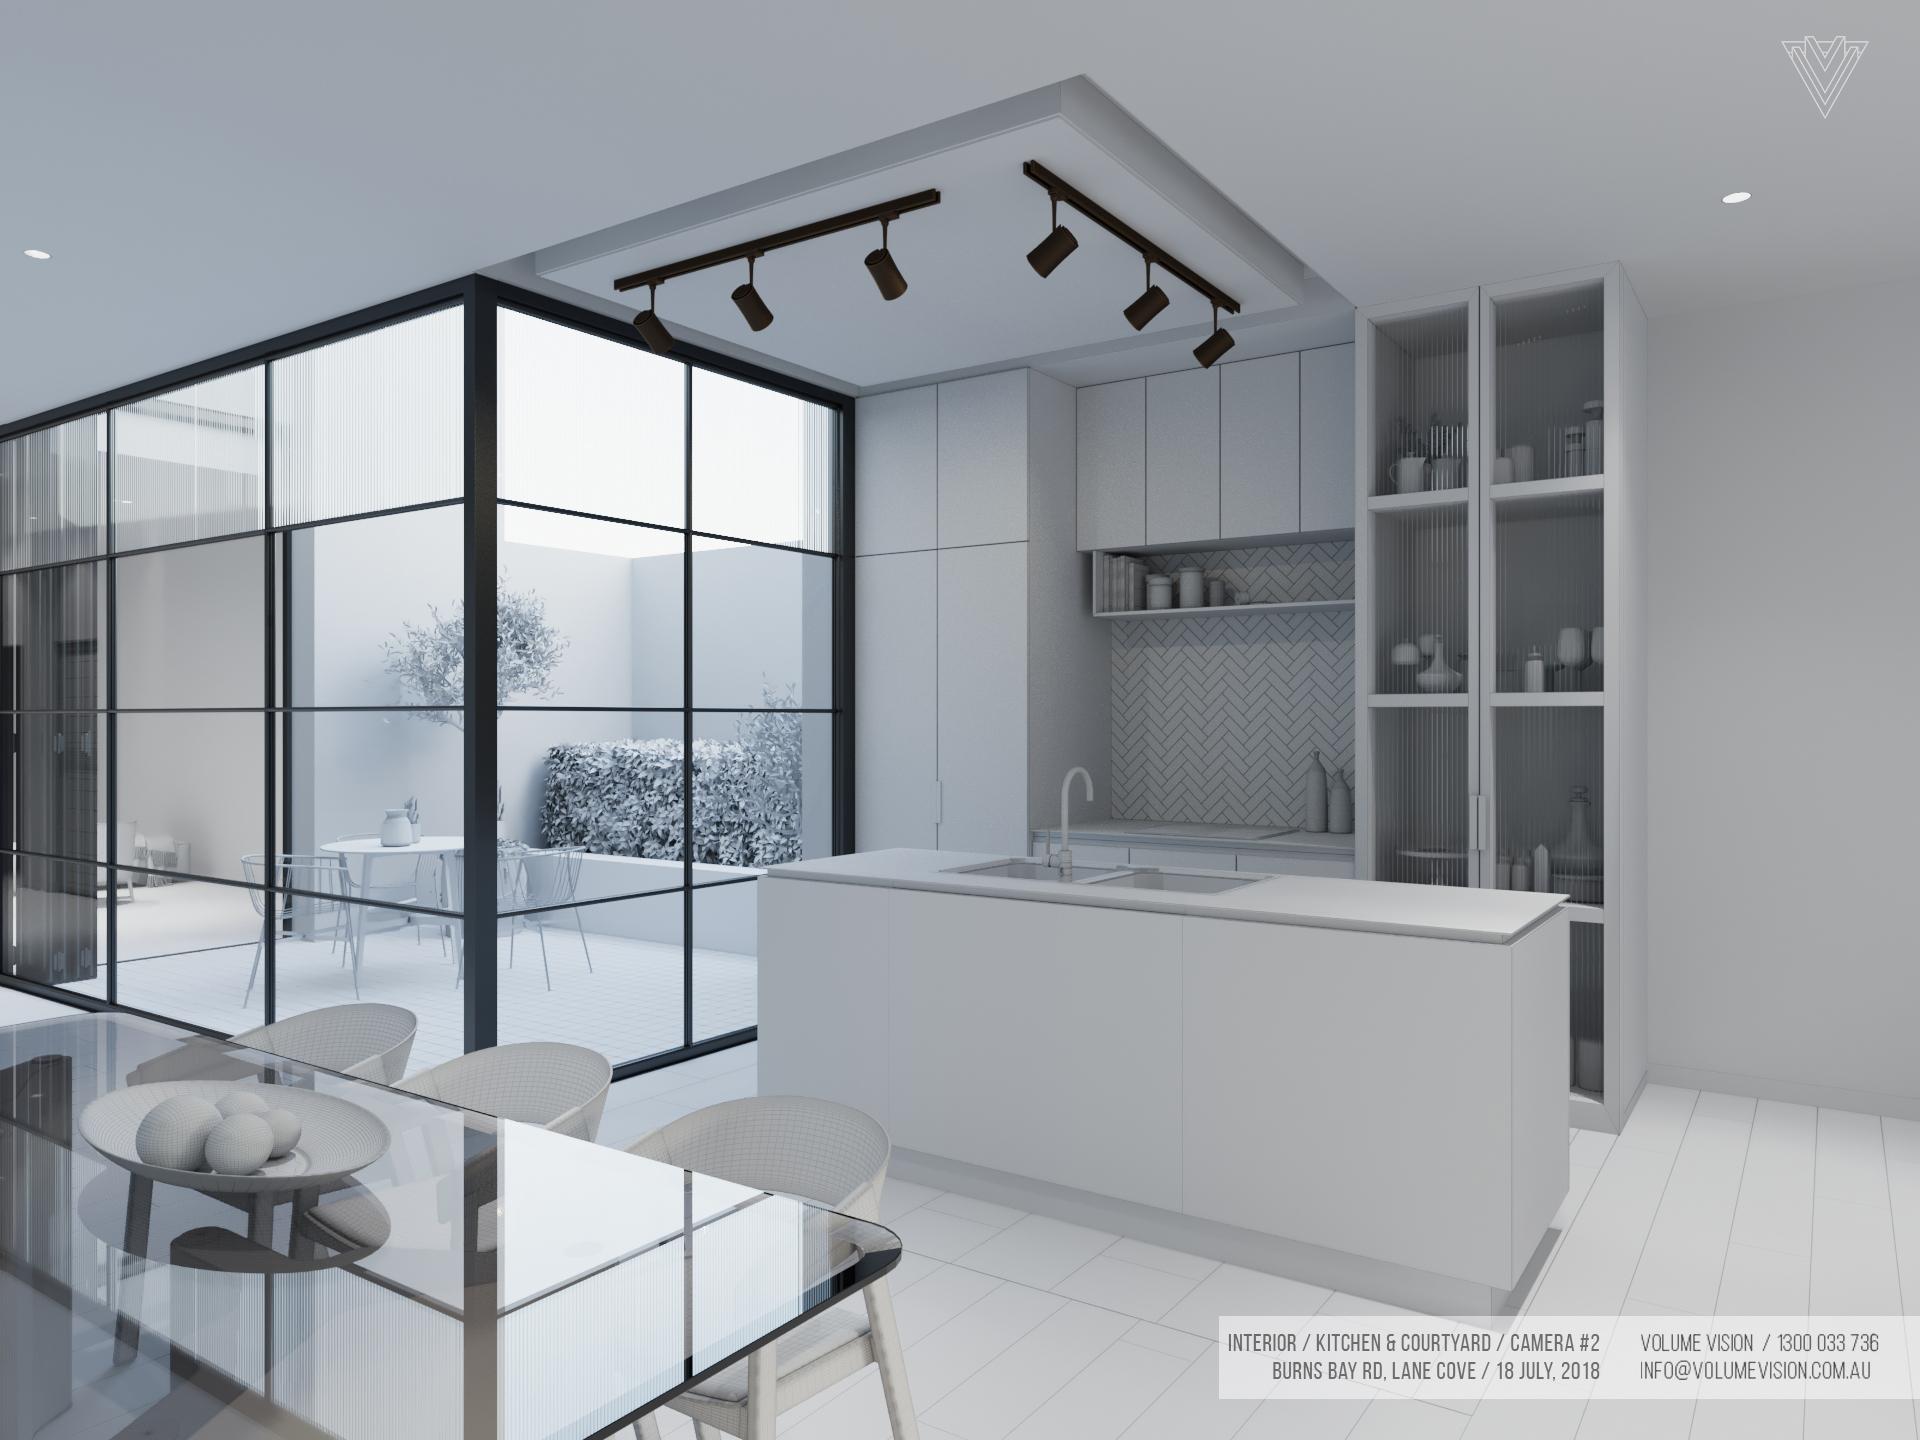 Interior_Kitchen & Courtyard _Burns_Bay_Camera_#2.jpg